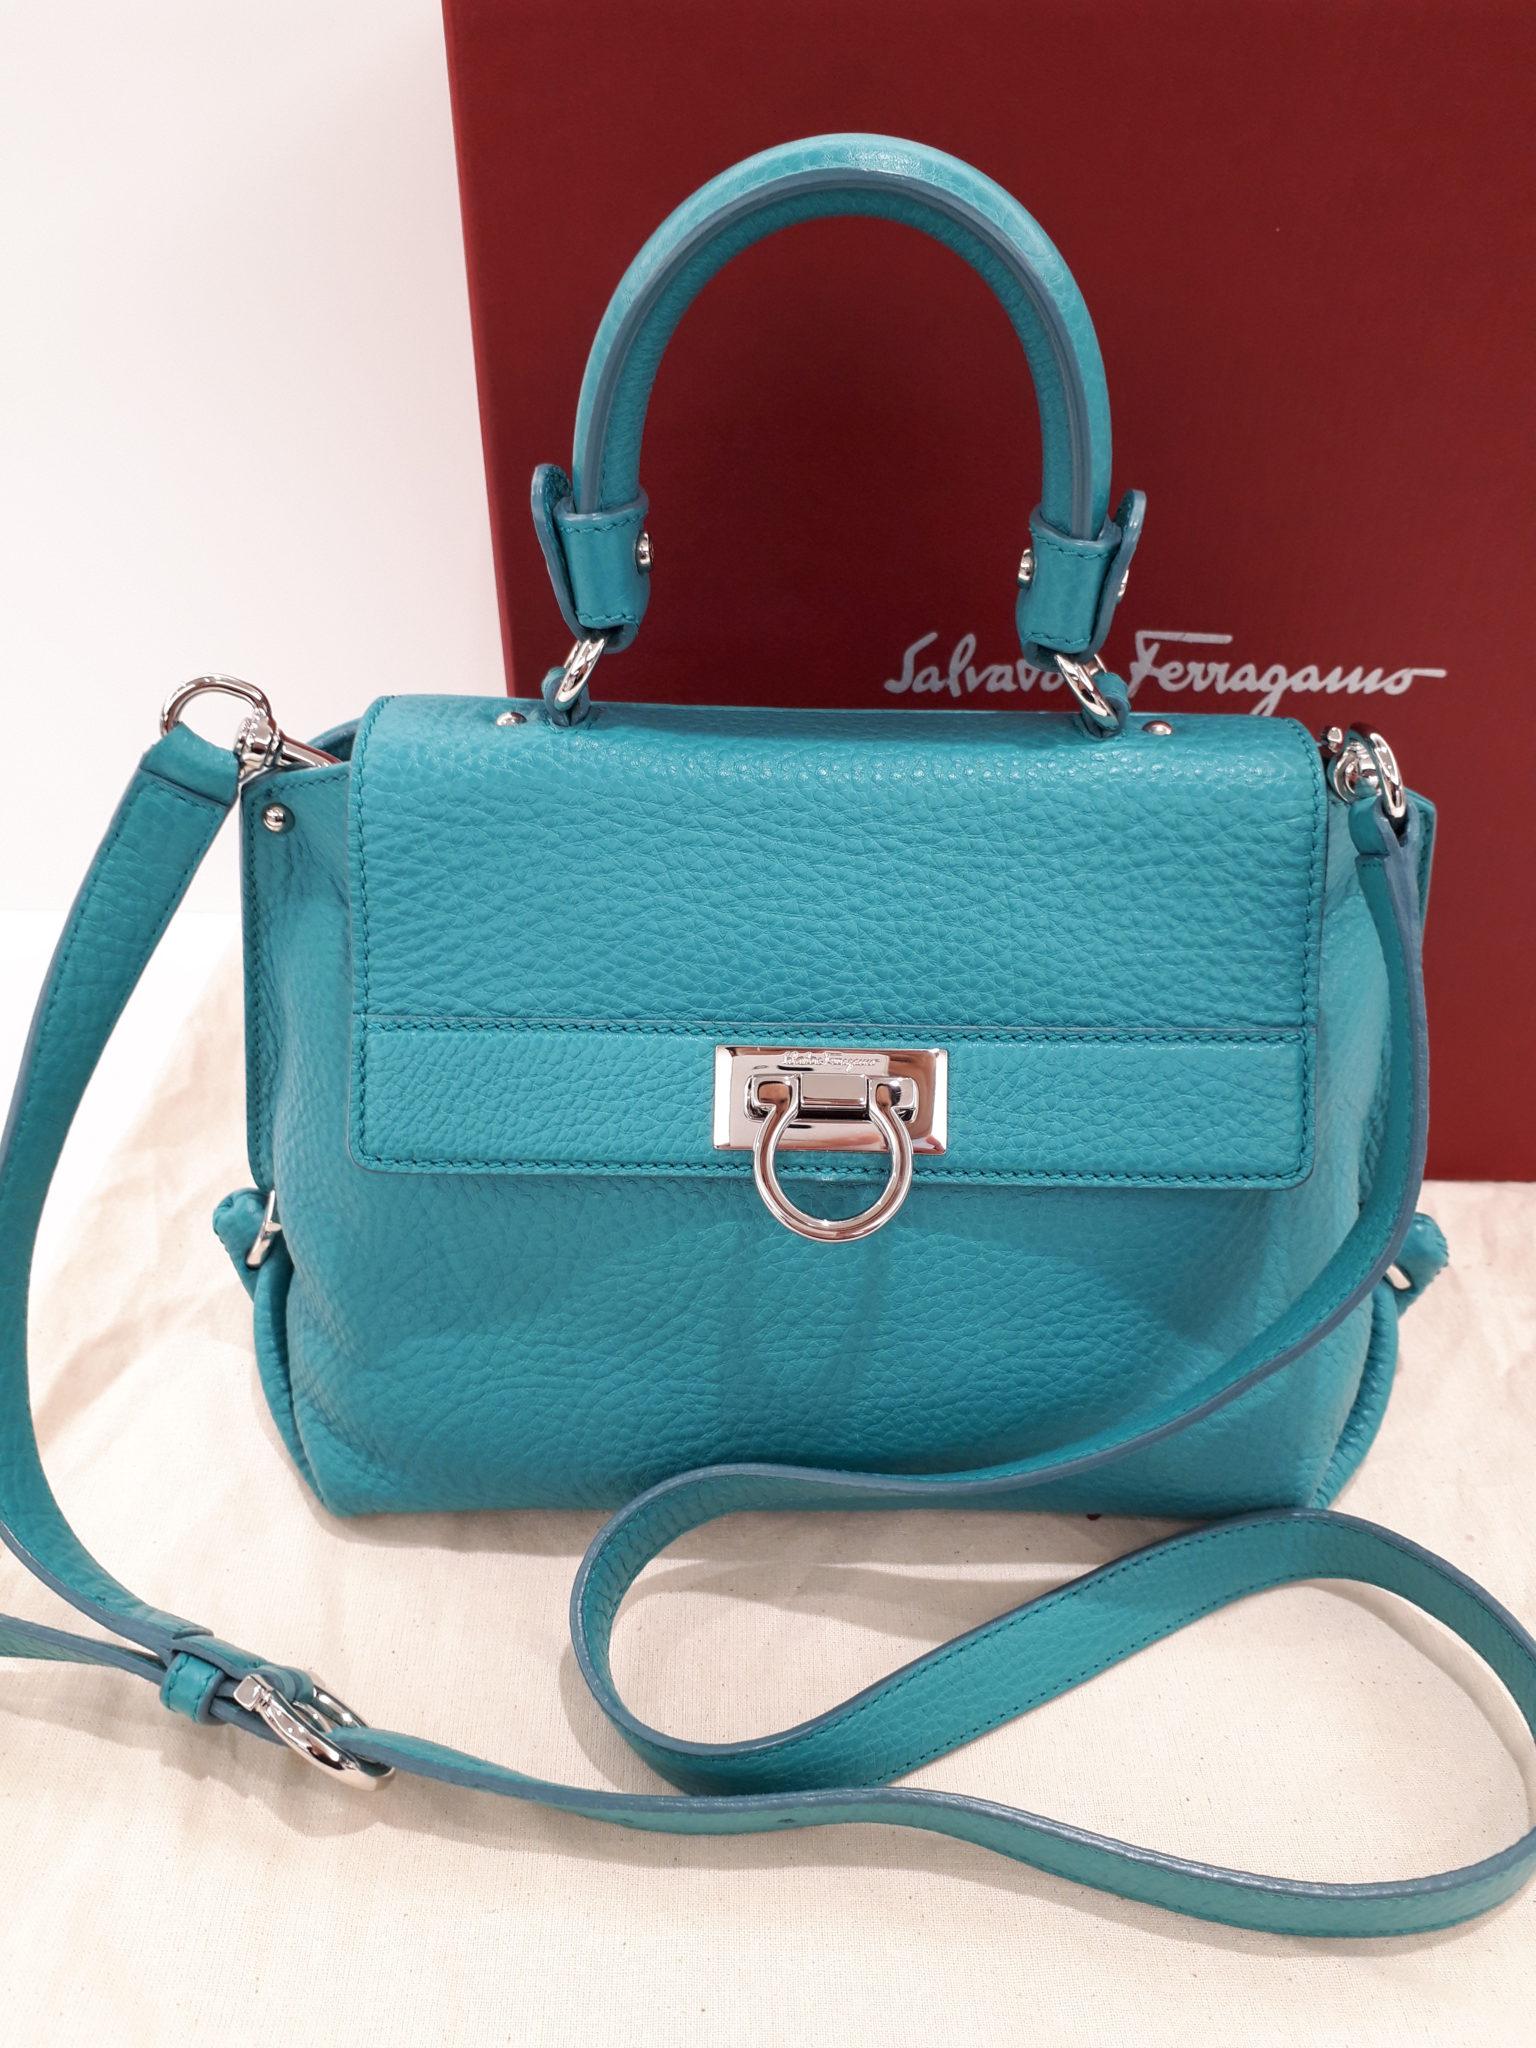 【Salvatore Feragamo サルヴァトーレ フェラガモ 21-D356】2WAYバッグを盛岡市のお客様よりお買取させて頂きました!